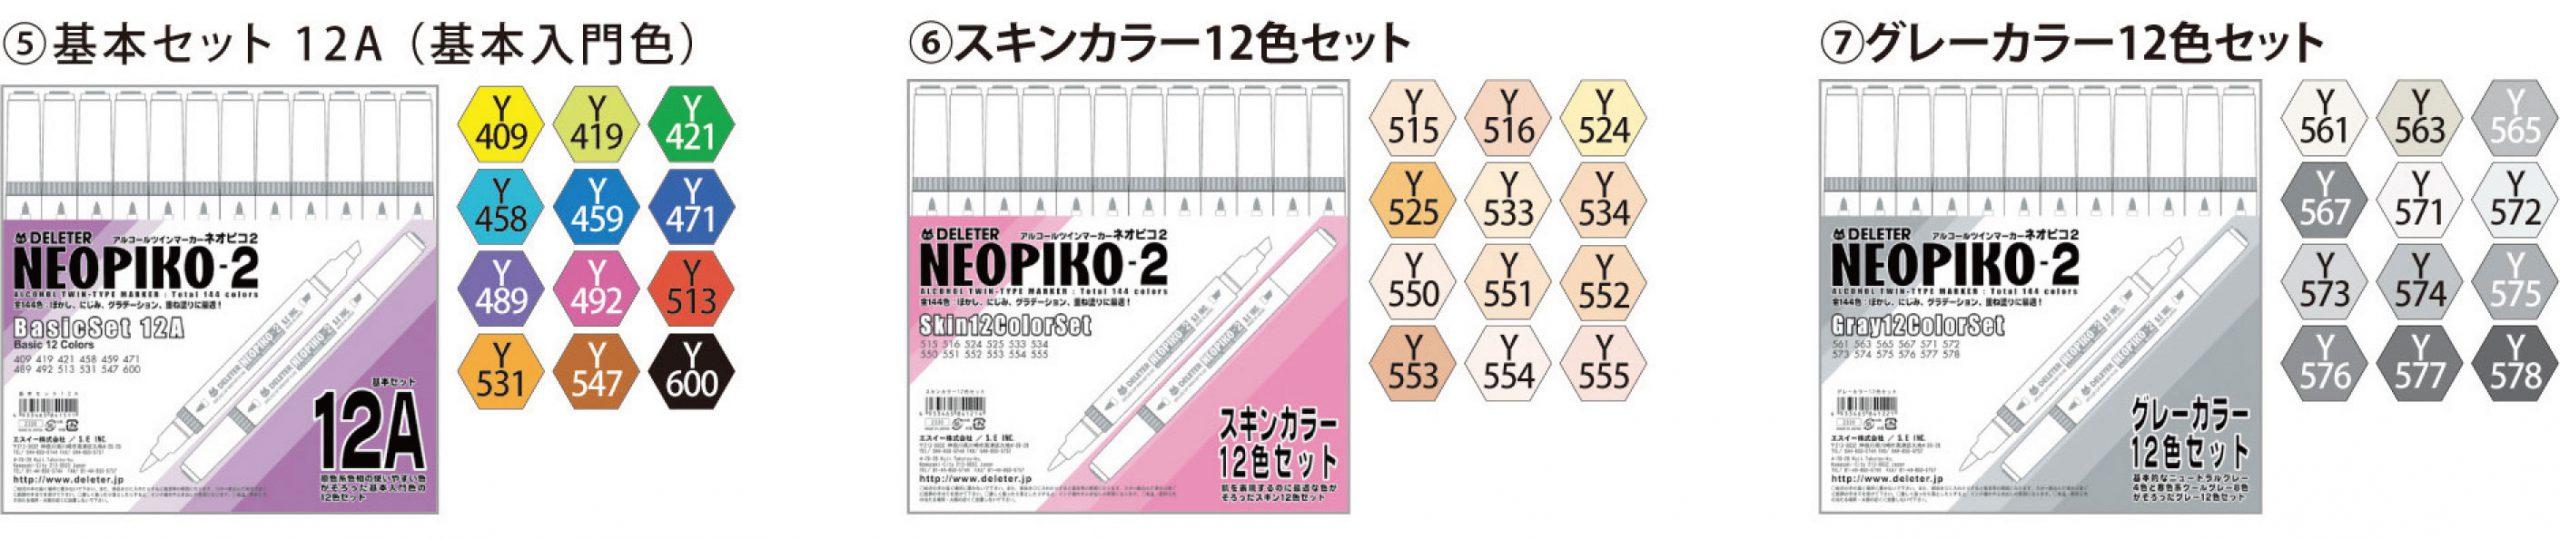 ネオピコ2、12色セット